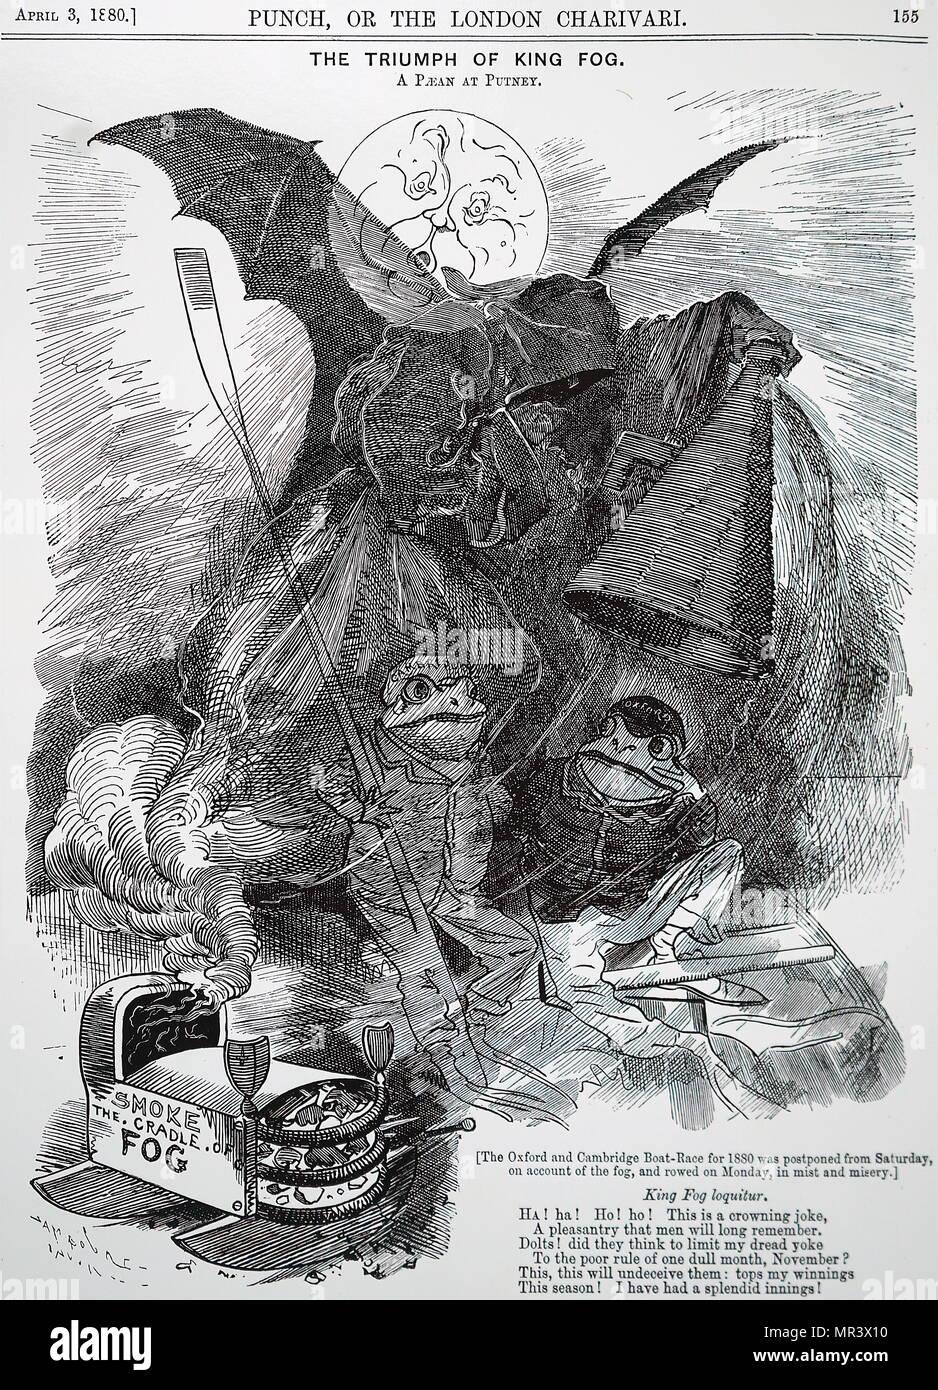 """Abbildung: mit dem Titel """"Die Boat Race Opfer der Londoner Nebel'. Die Karikatur zeigt ein Gespenst der Nebel erstickenden zwei Frösche, wie Sie konkurrieren, sind in der Oxford und Cambridge Boat-Race. Illustriert von John Tenniel (1820-1914) ein englischer Illustrator Grafik Humorist und politischen Karikaturisten. Er wurde für seine künstlerischen Leistungen im Jahr 1893 zum Ritter geschlagen. Vom 19. Jahrhundert Stockbild"""